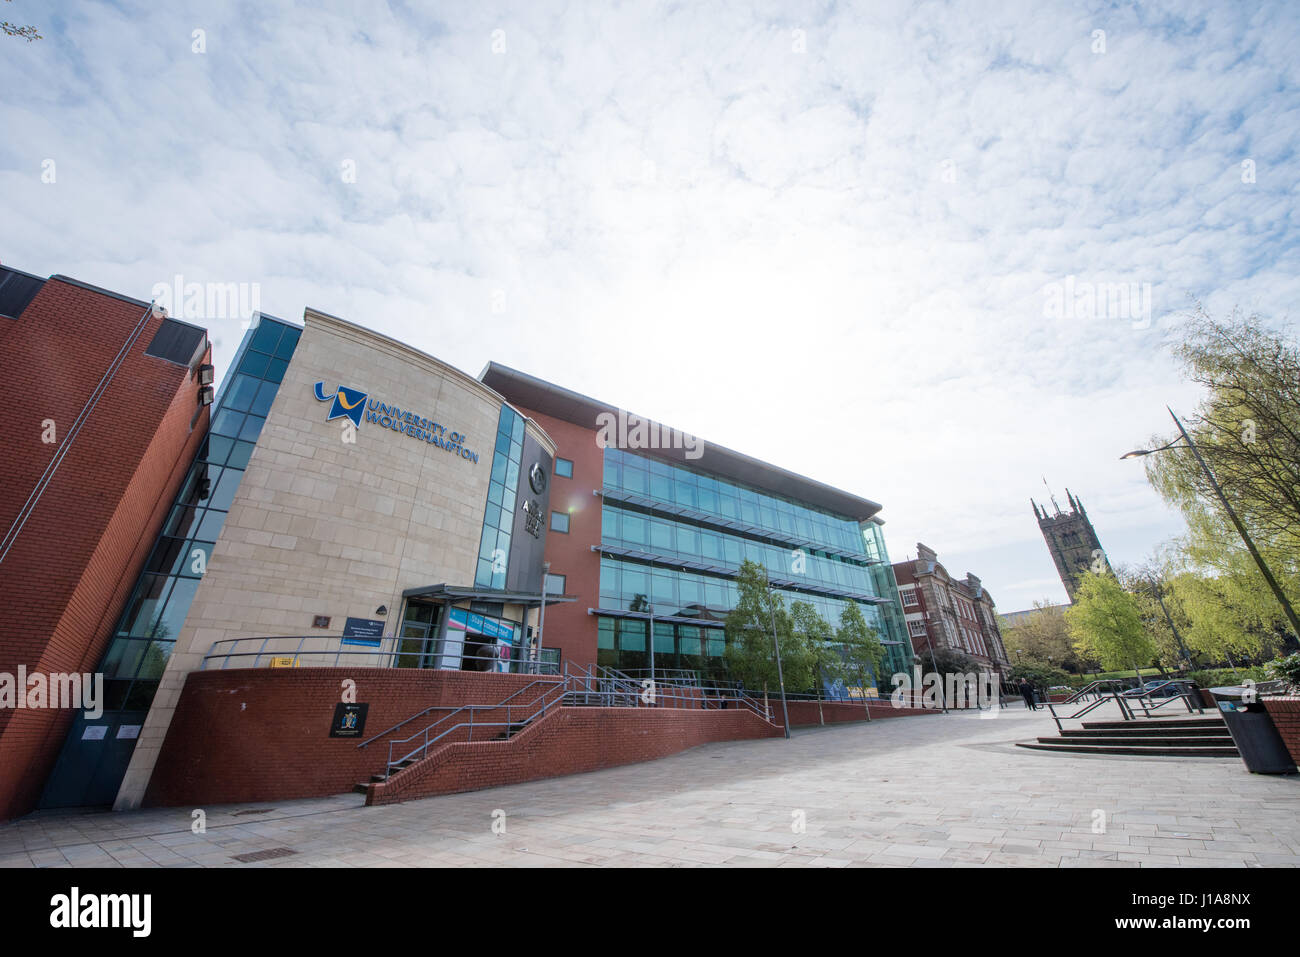 Weitwinkel-Ansicht der Bibliothek der University of Wolverhampton mit Stiftskirche St. Peter im Hintergrund an einem Stockbild